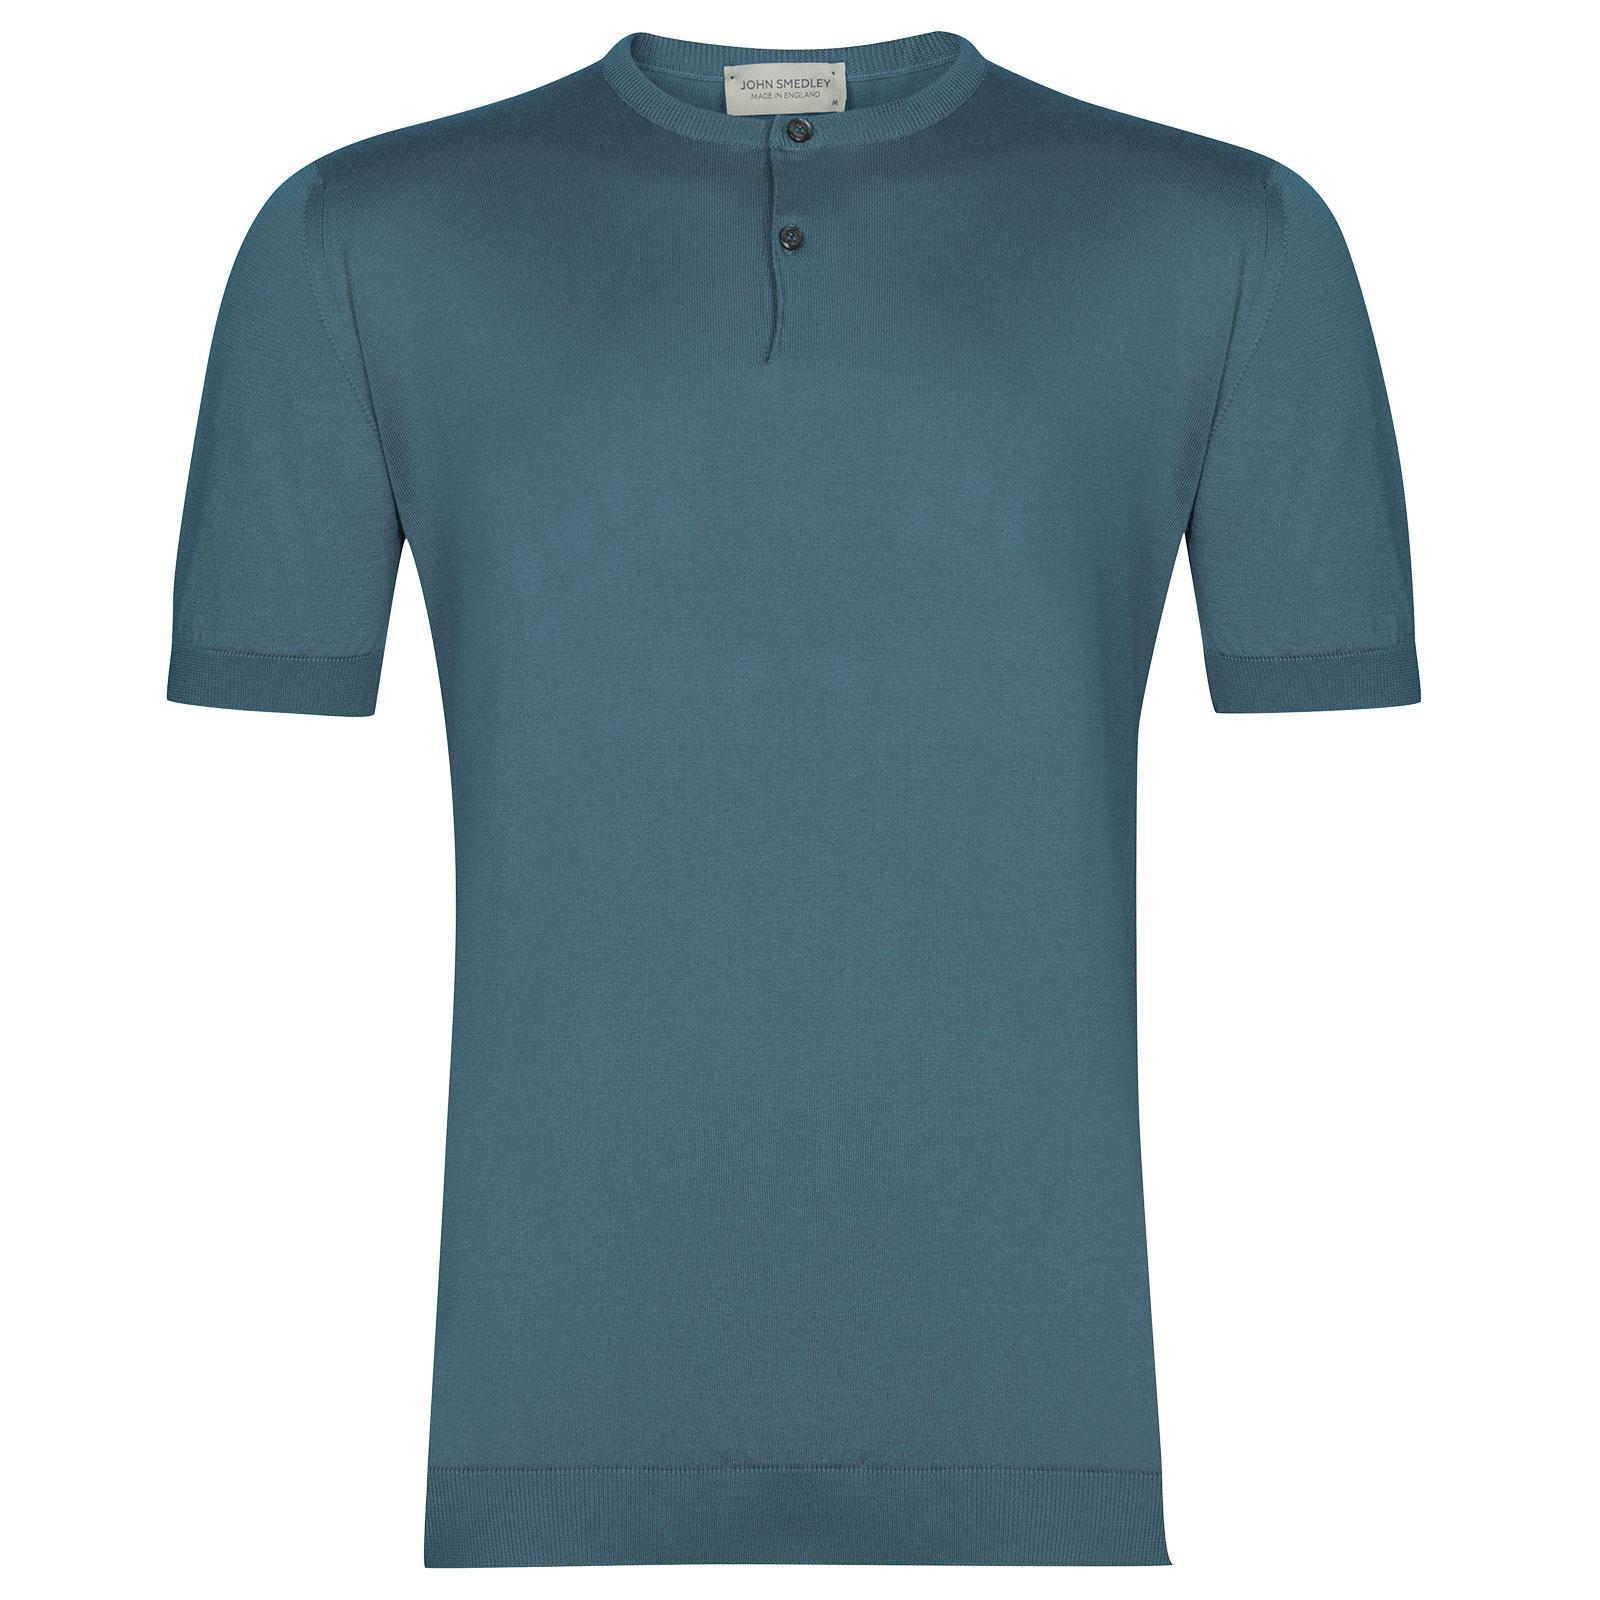 John Smedley Bennett in Dewdrop Blue T-Shirt-XXL